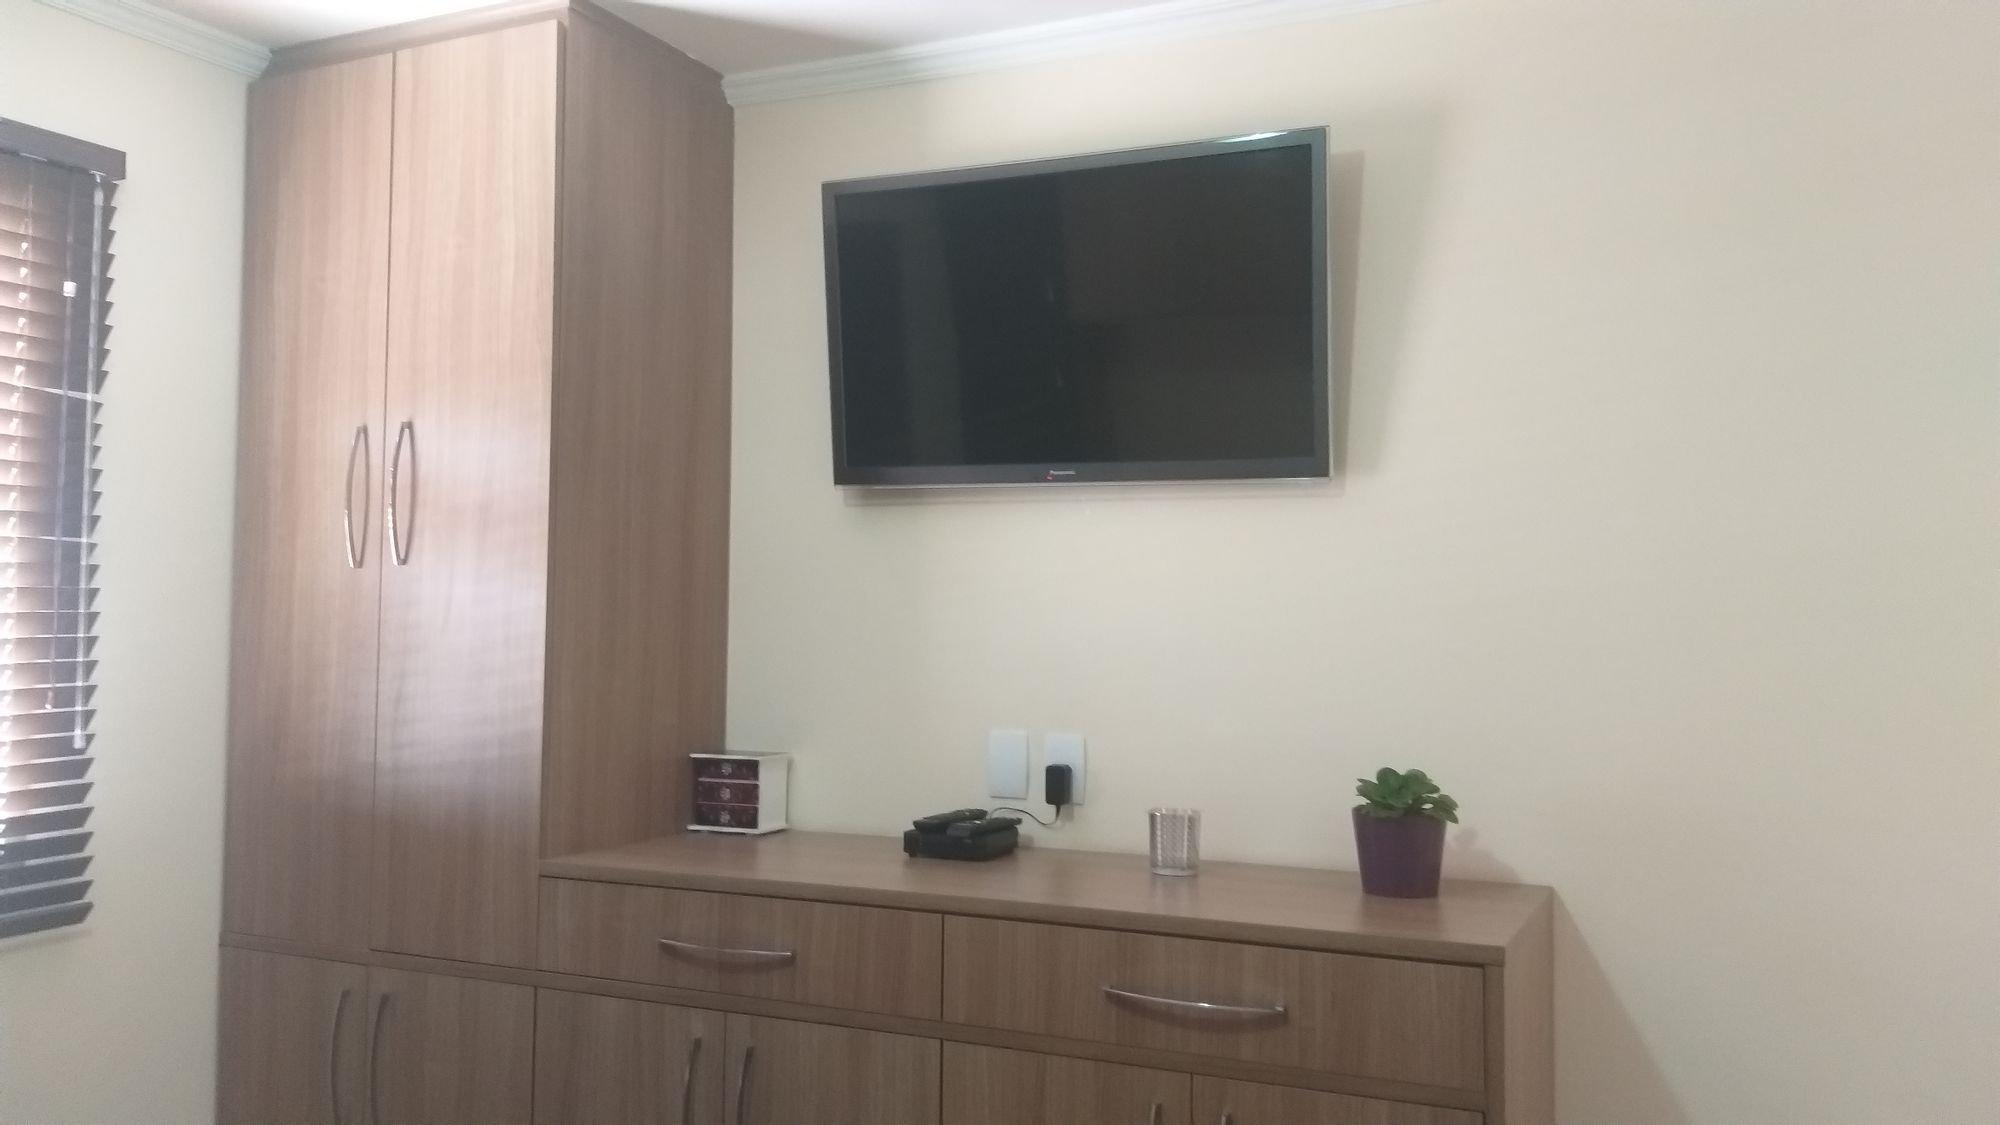 Foto de Quarto com vaso de planta, televisão